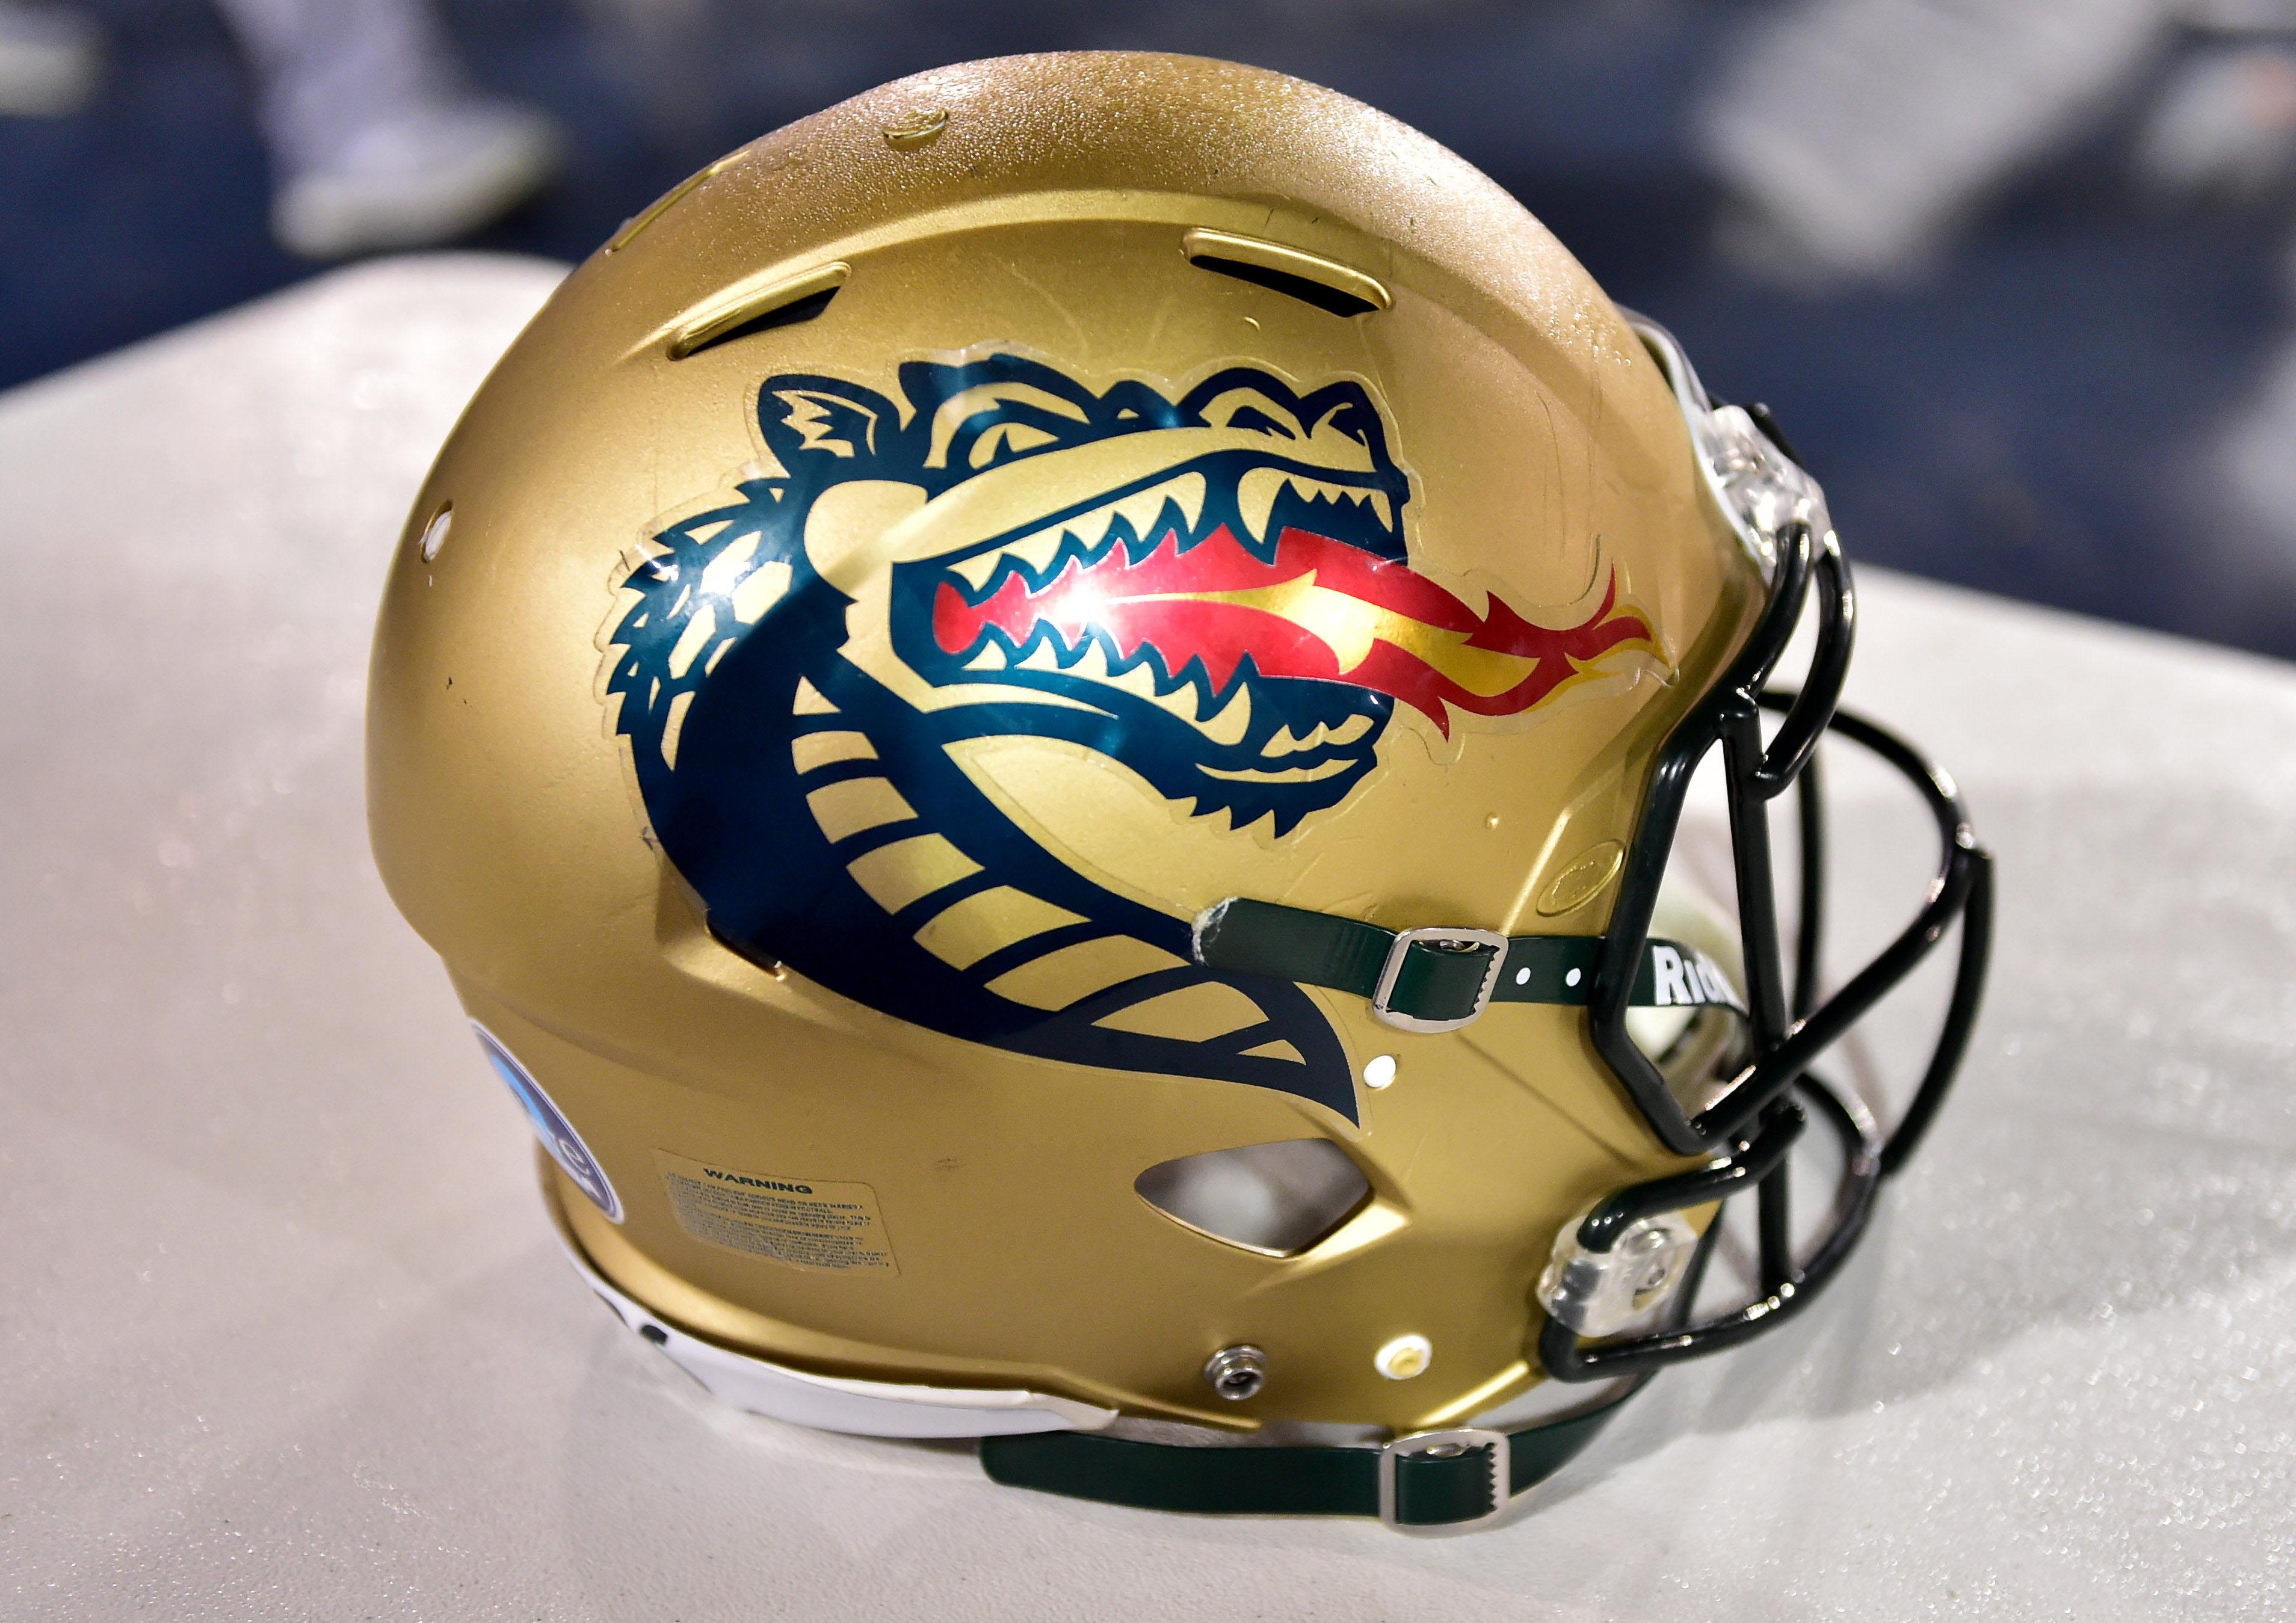 NCAA Football: Boca Raton Bowl-UAB vs Northern Illinois